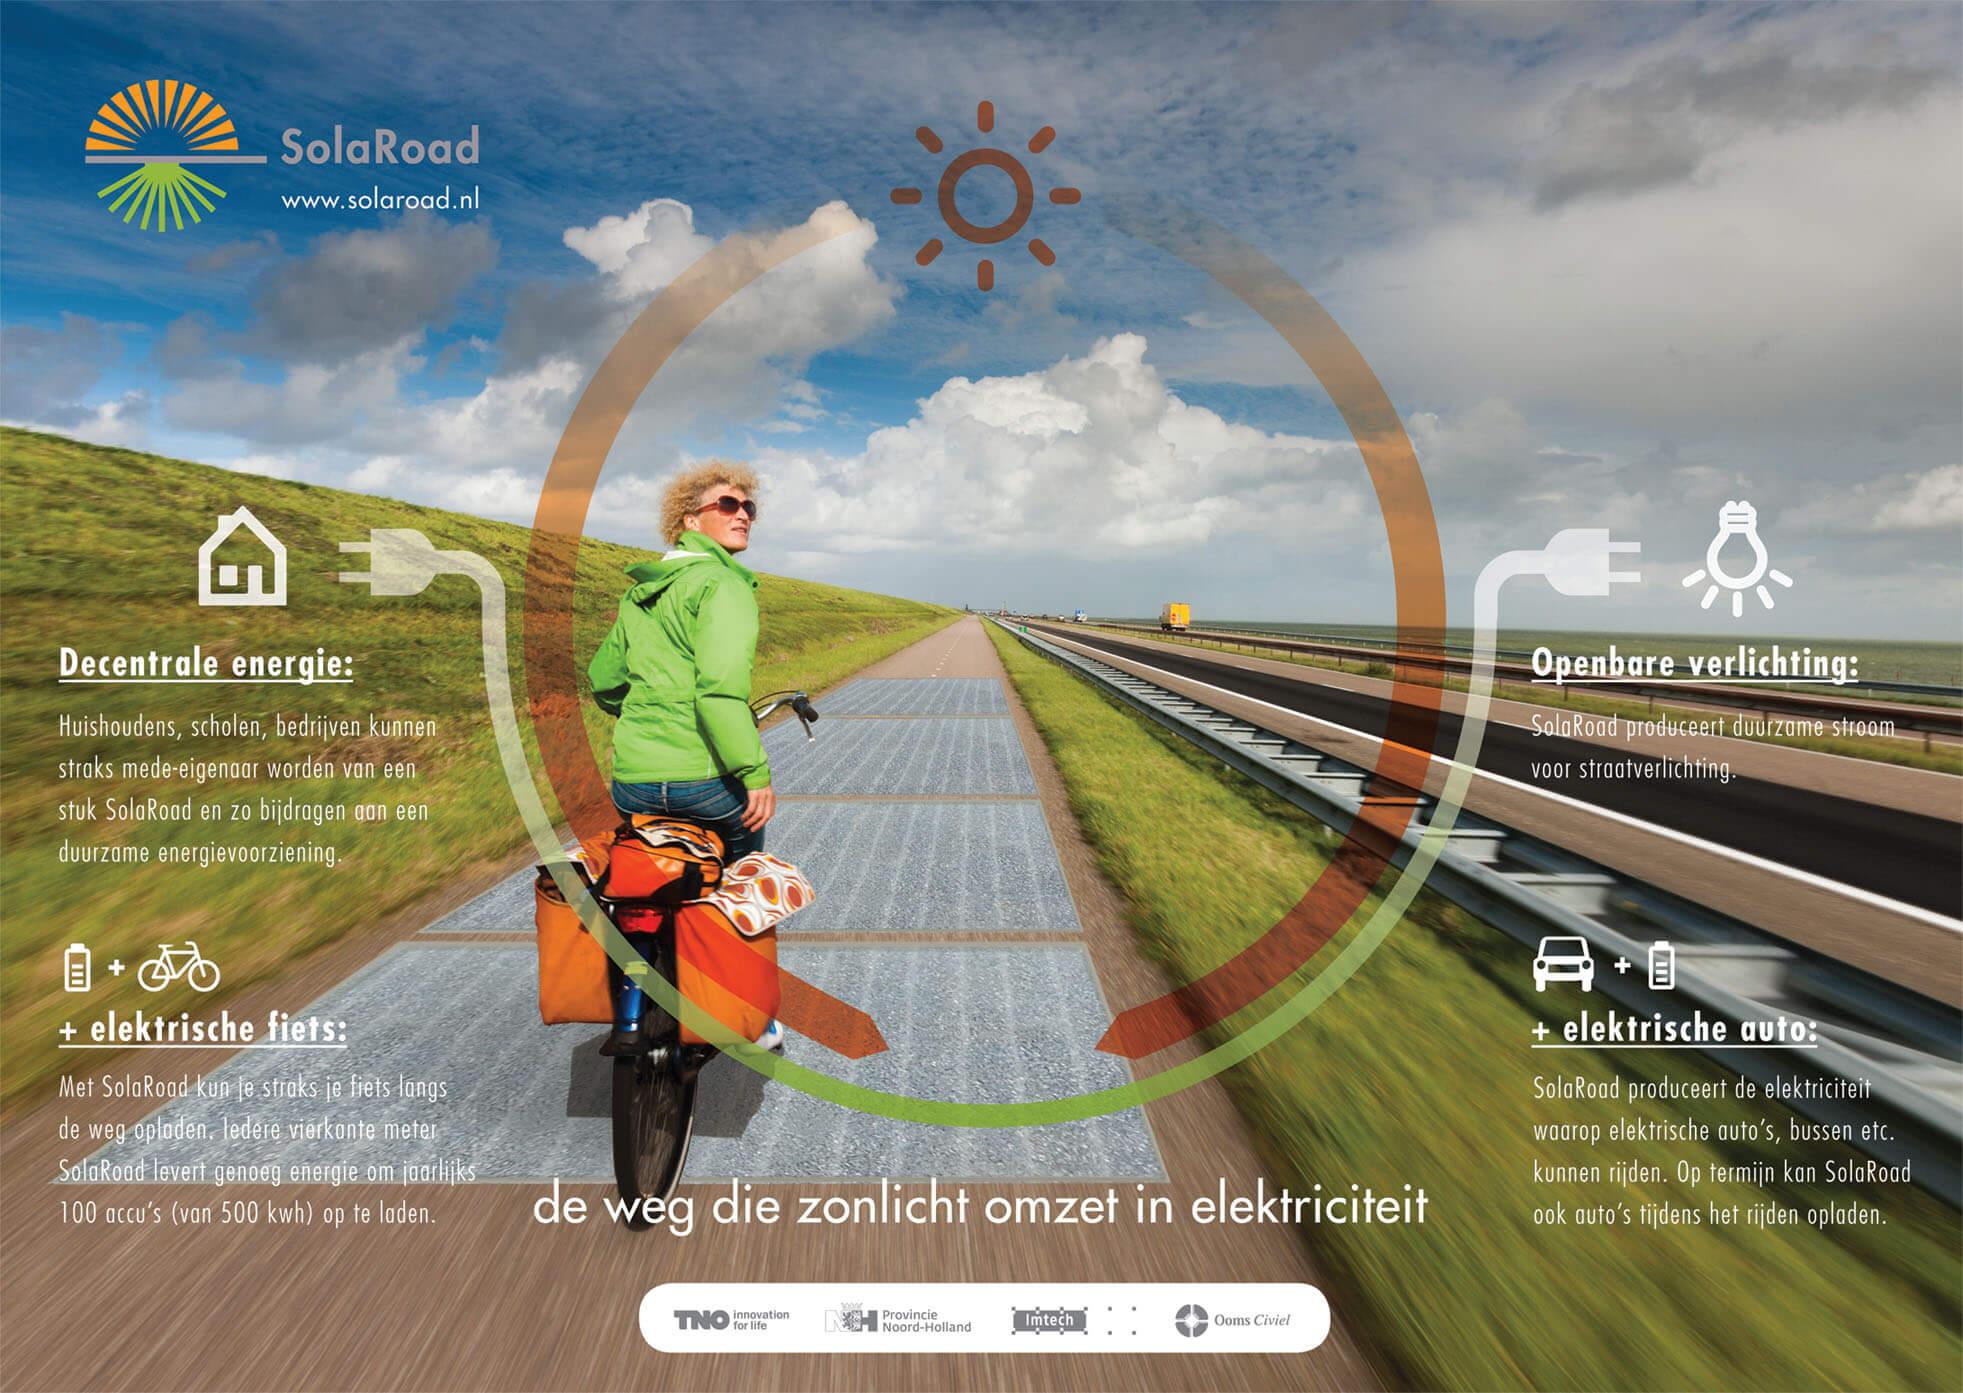 The Idea Solaroad